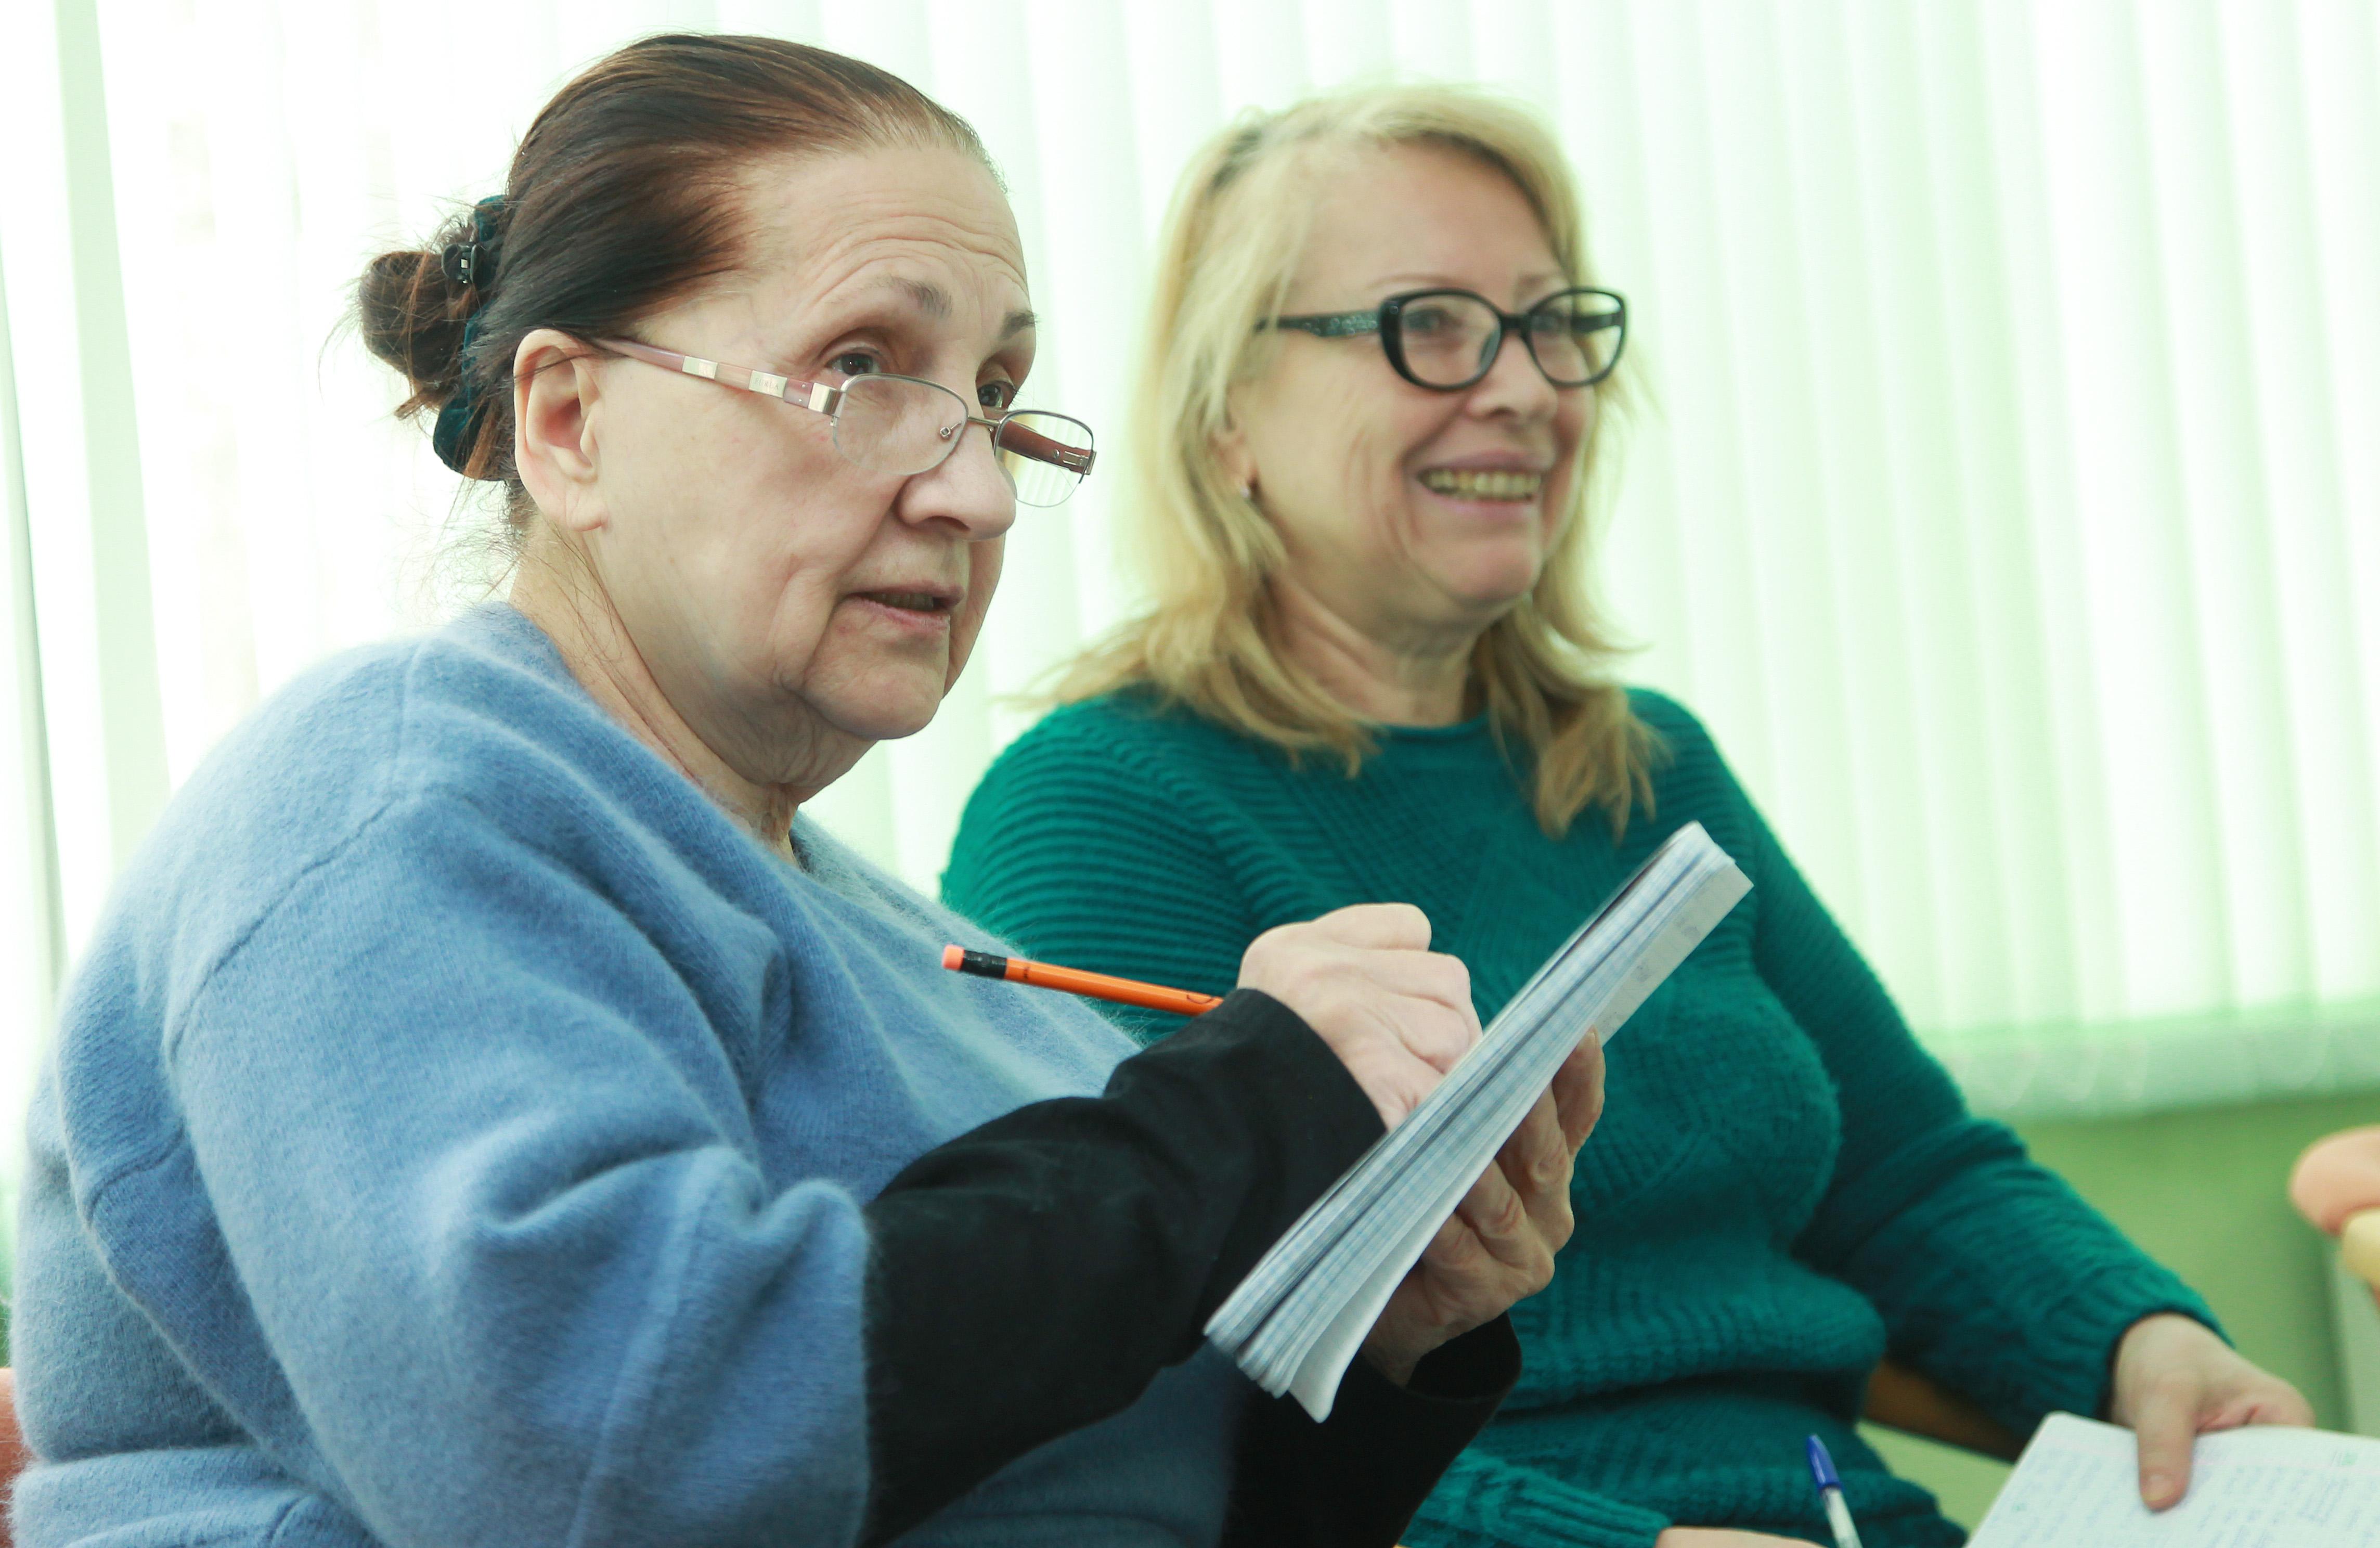 Центр социальной помощи появится на юго-западе Москвы